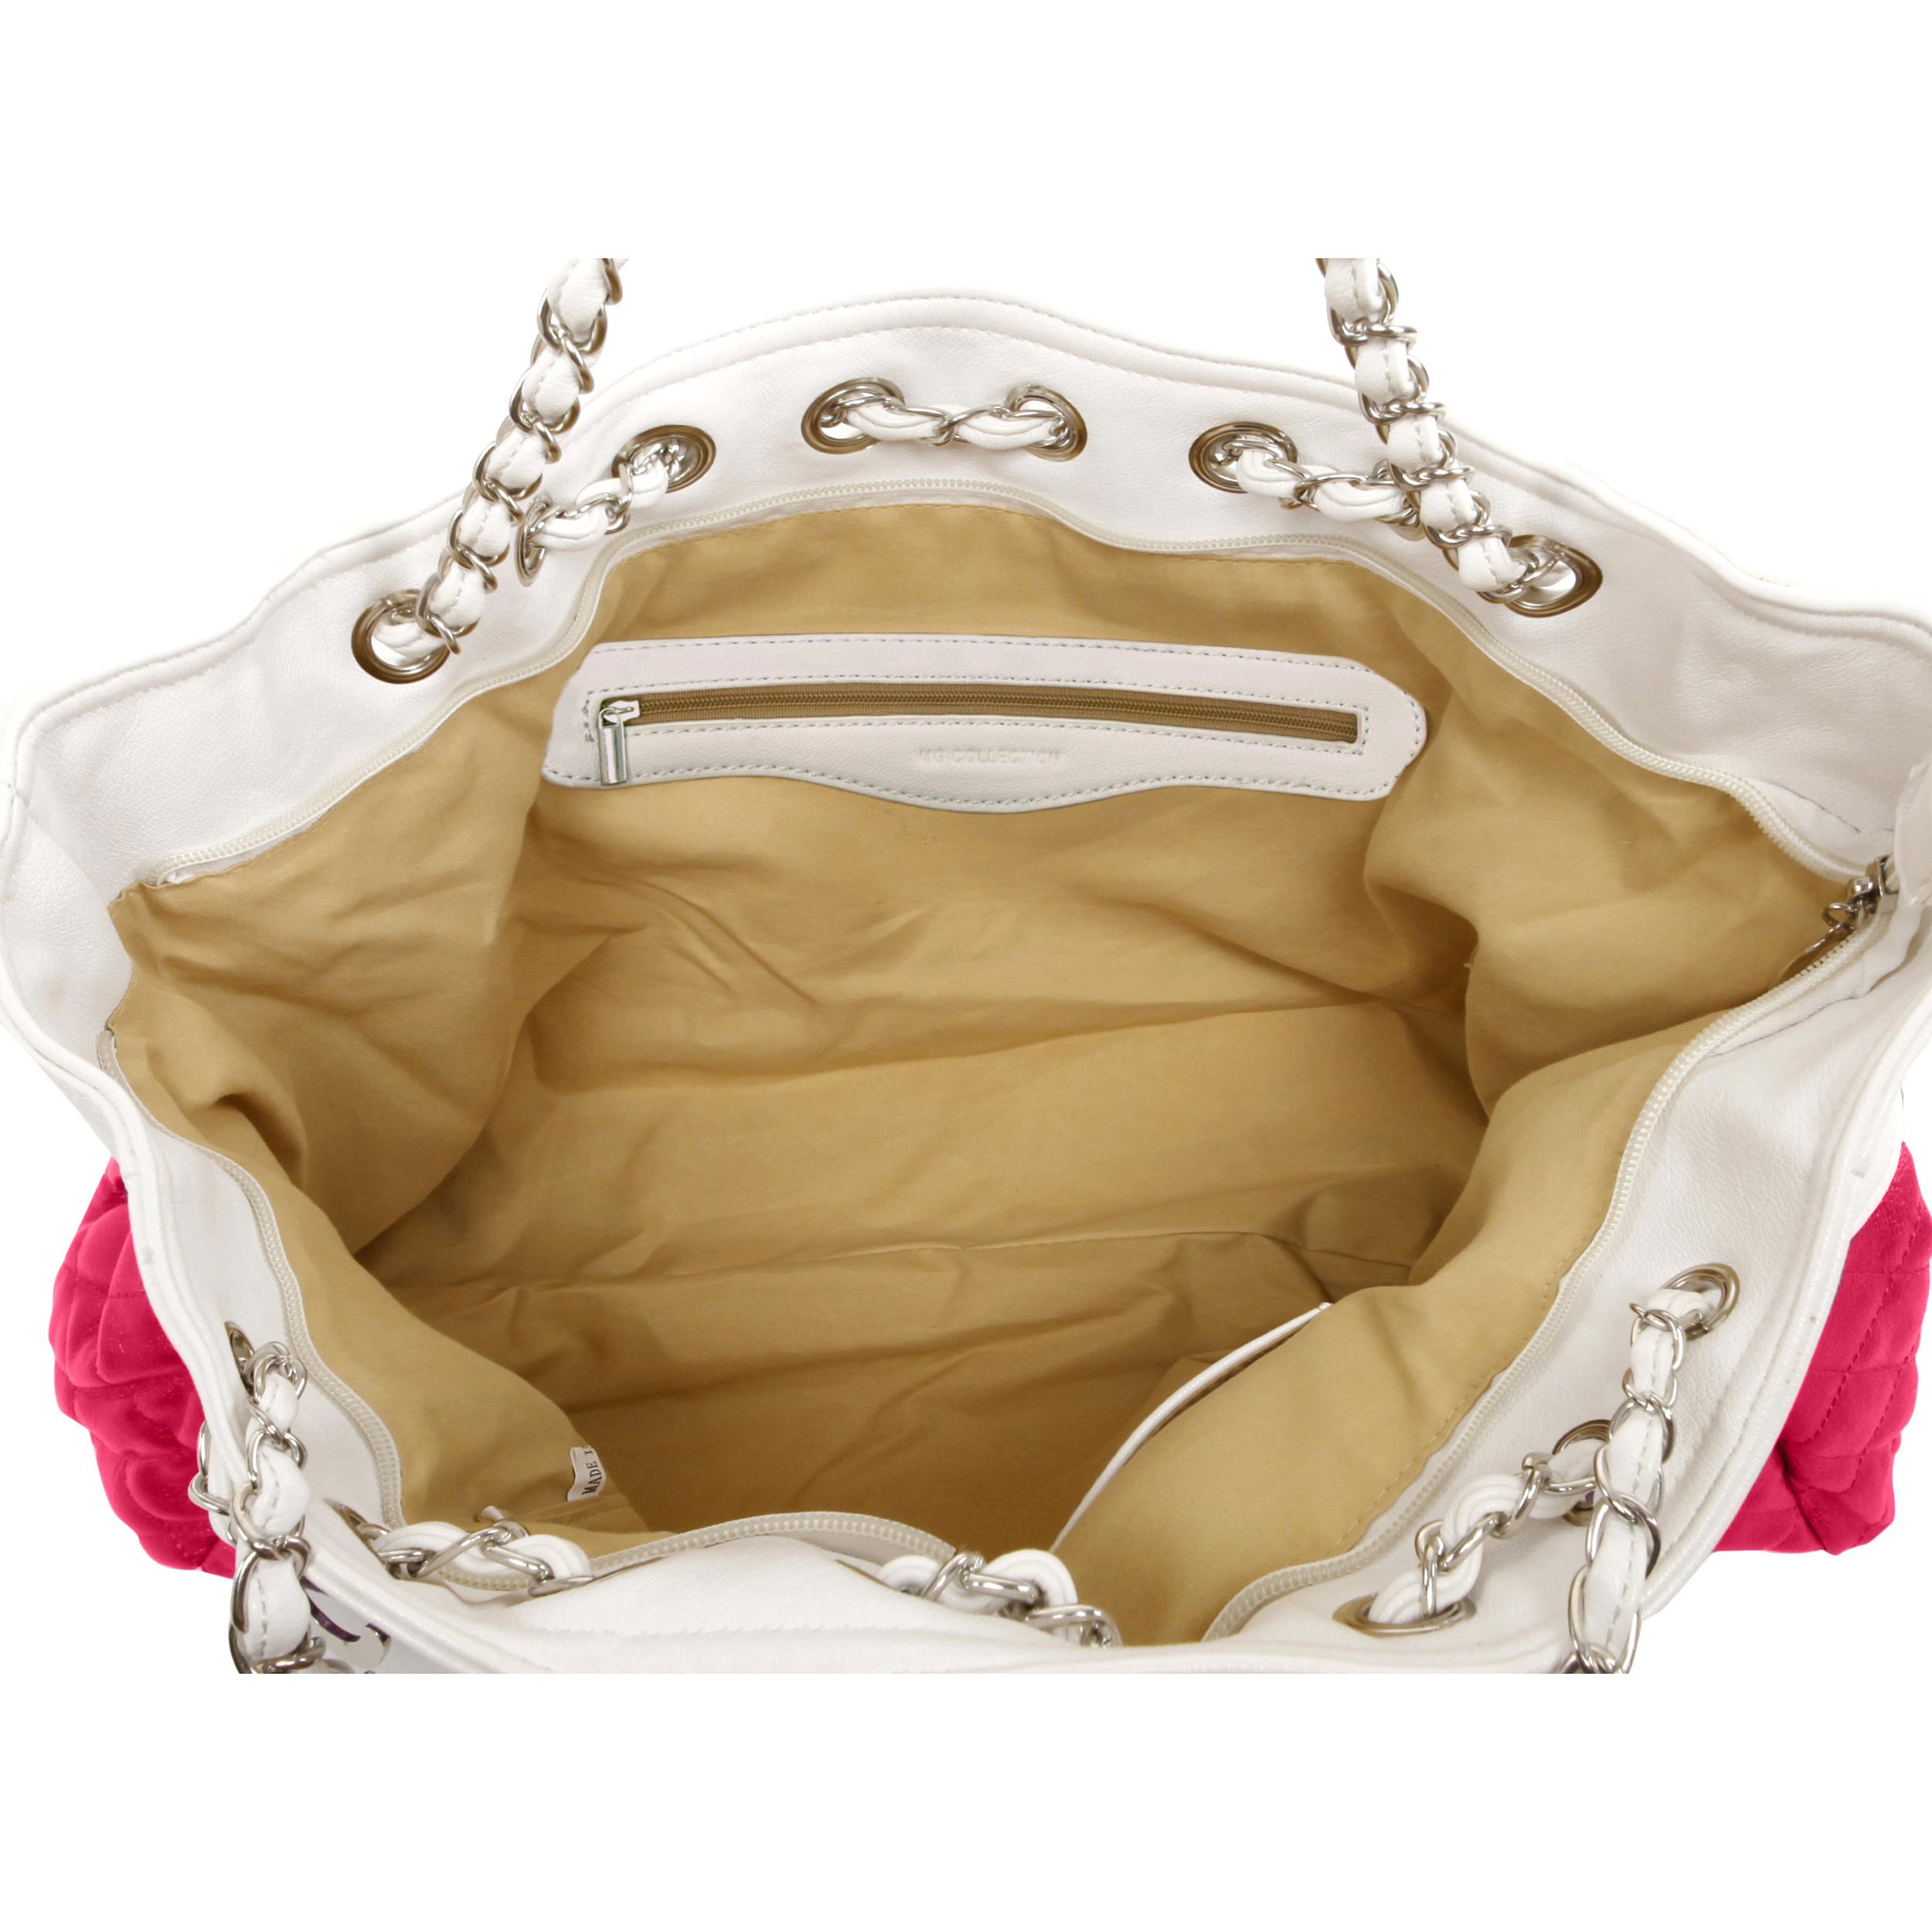 CAMRYN Pink Shoulder Tote Handbag Interior